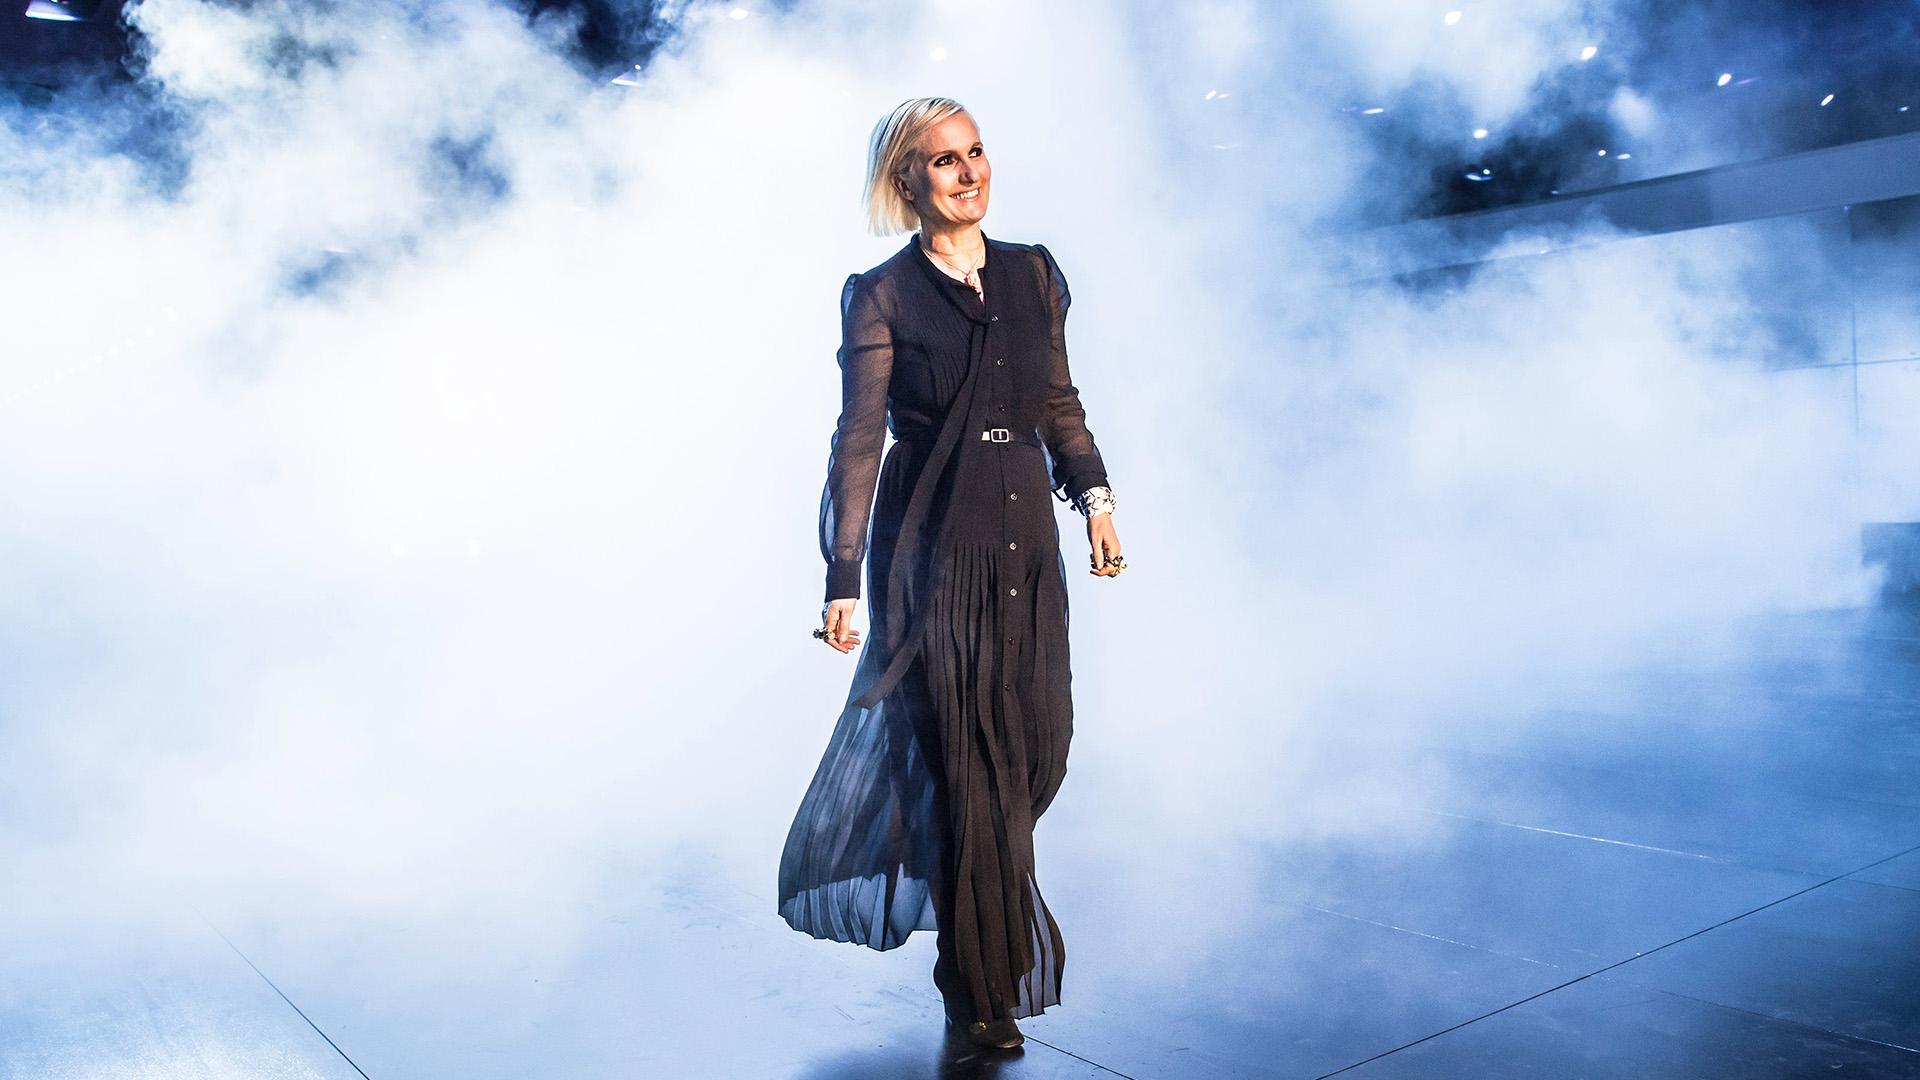 Dior Cruise 2022 Atene: il peplo sporty della maison fa rivivere il mito greco